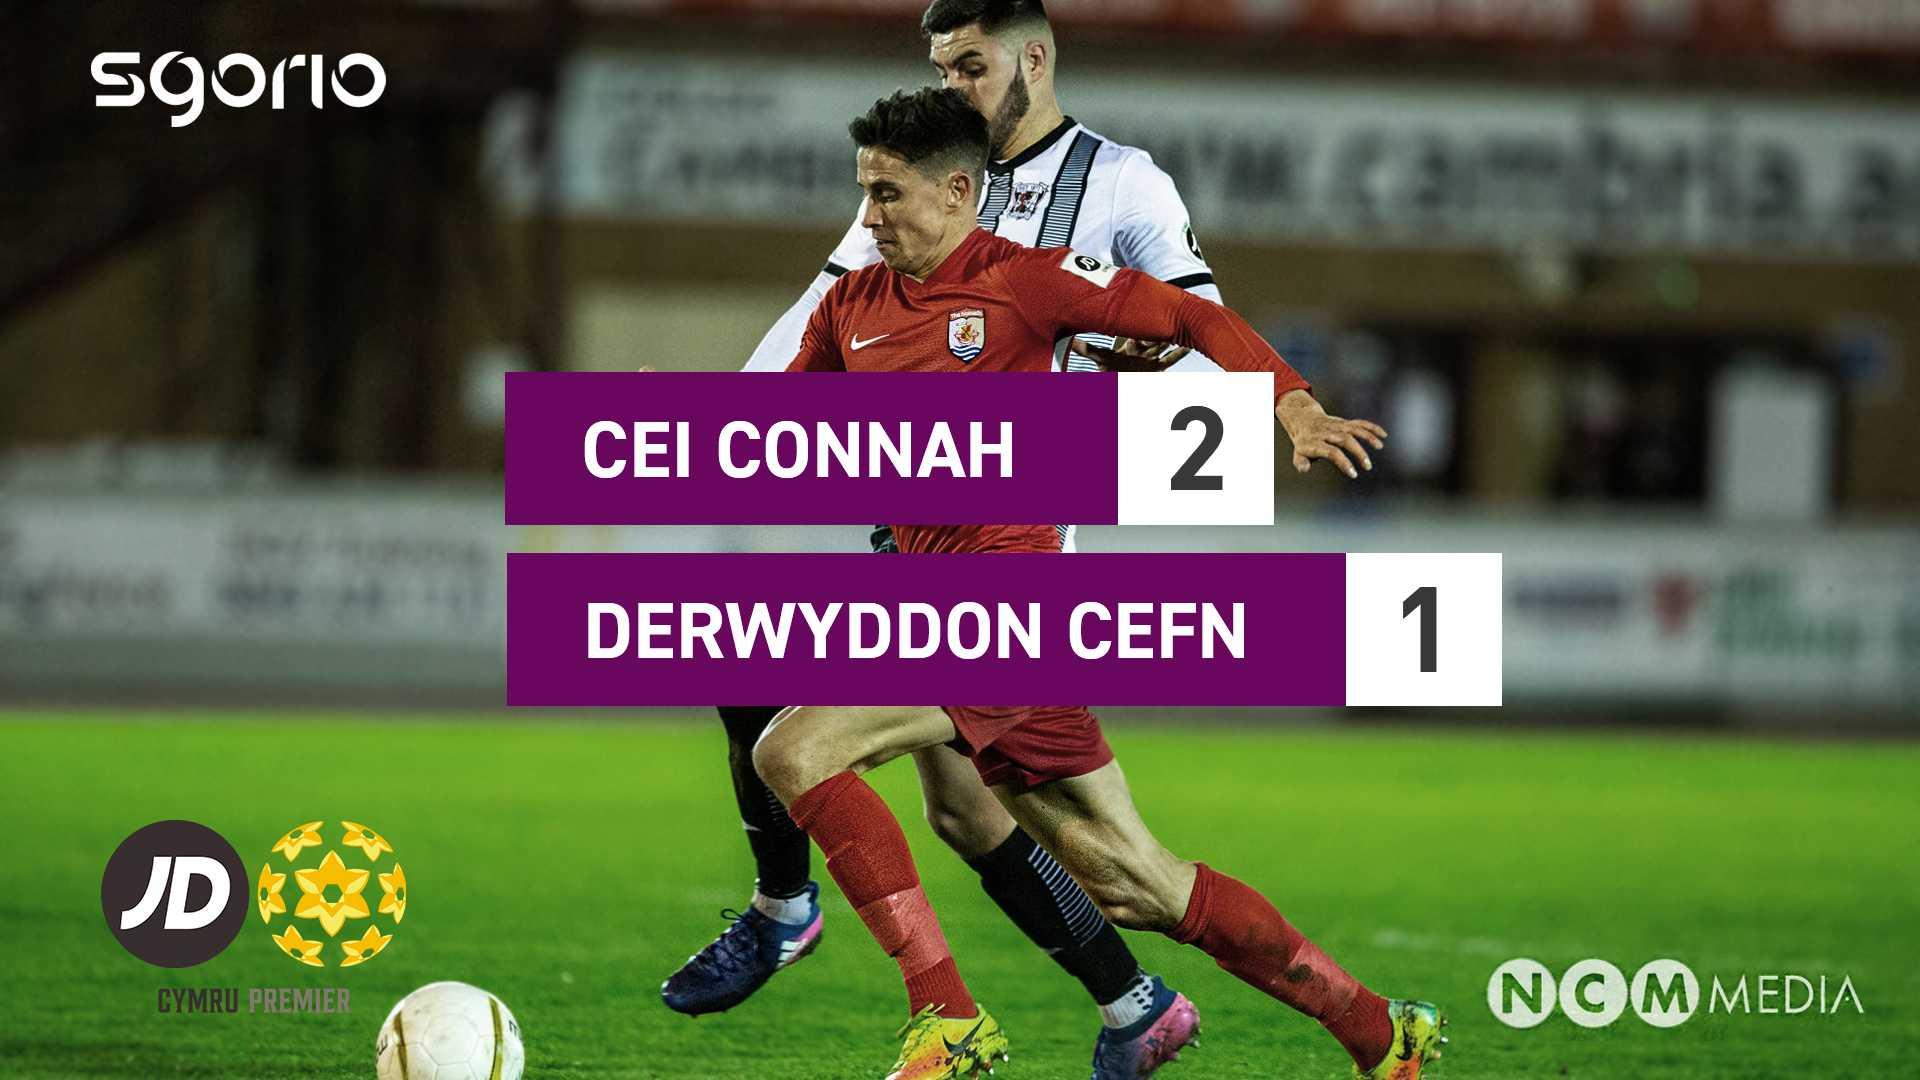 Cei Connah 2-1 Derwyddon Cefn